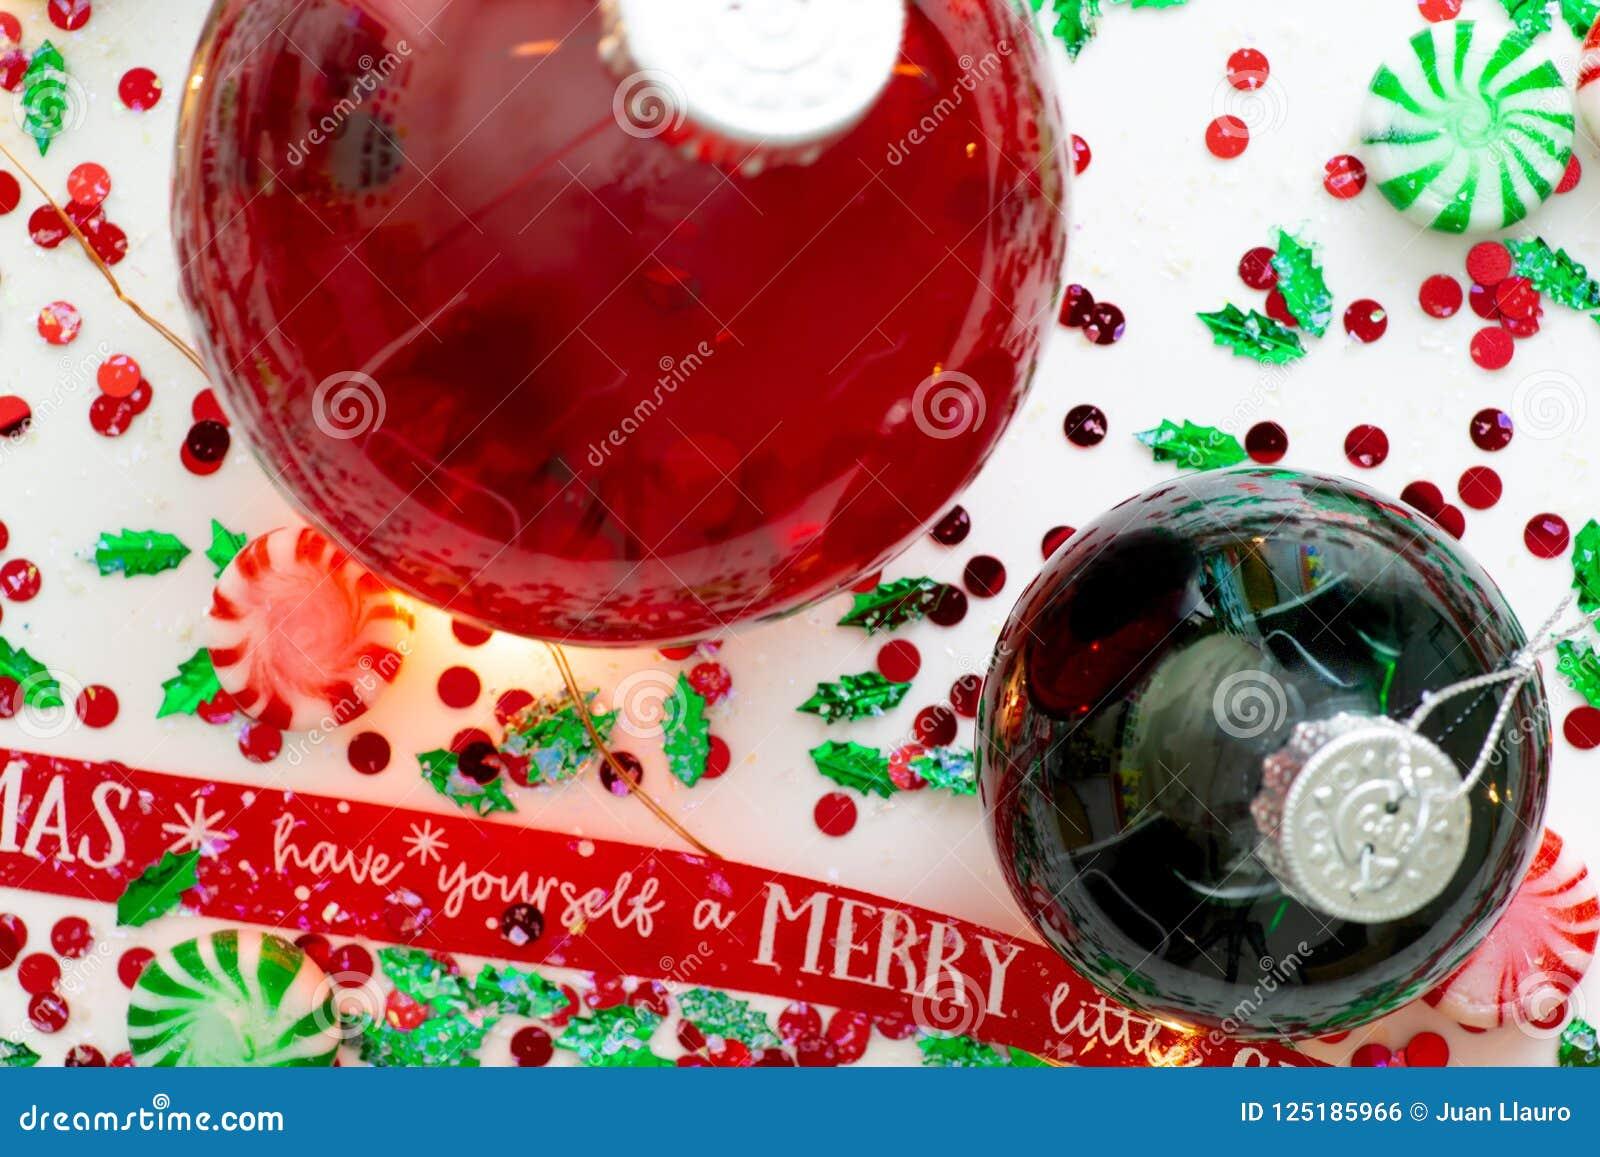 De decoratie met rode vloeistof vulde de bal van het Kerstmisornament en twee groene gevulde die ornamentballen door een rood heb